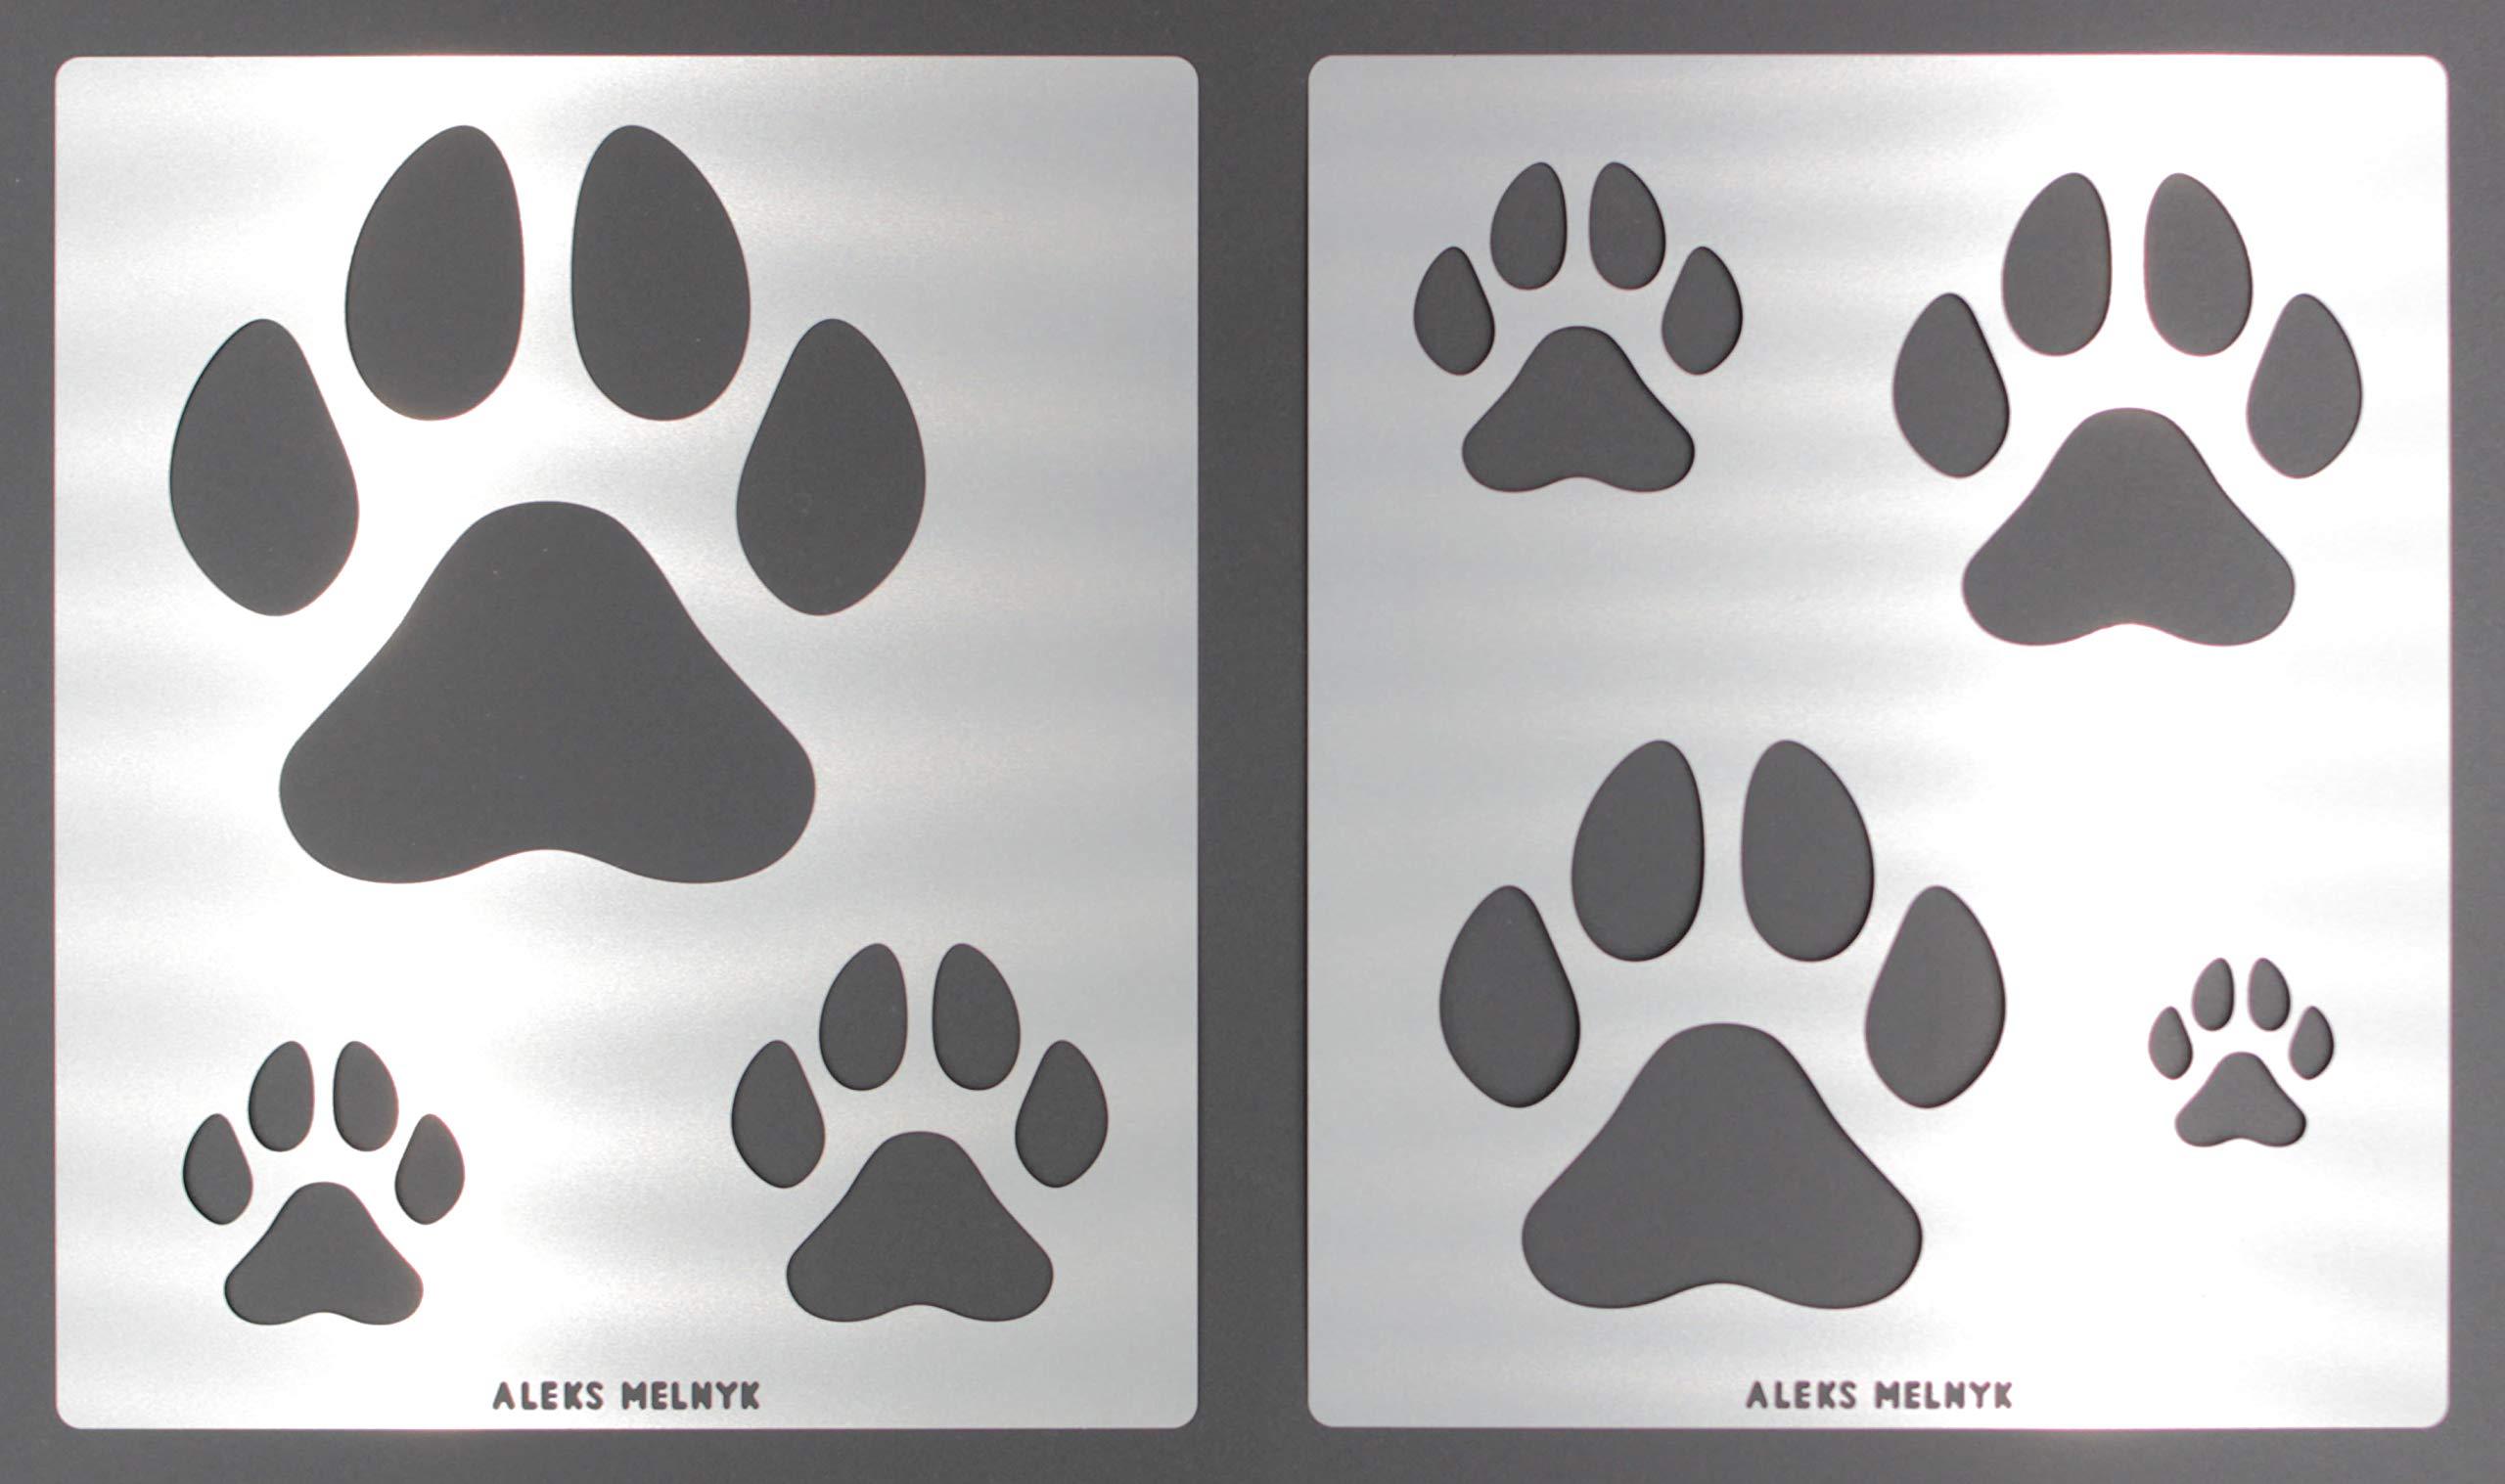 Aleks Melnyk #61 Conjunto grande Plantillas Stencils de Metal para estarcir/Perro, Pata de Gato/para Arte Manualidades y decoración/Plantillas para Estarcidos/2 piezas/Bricolaje, DIY: Amazon.es: Hogar